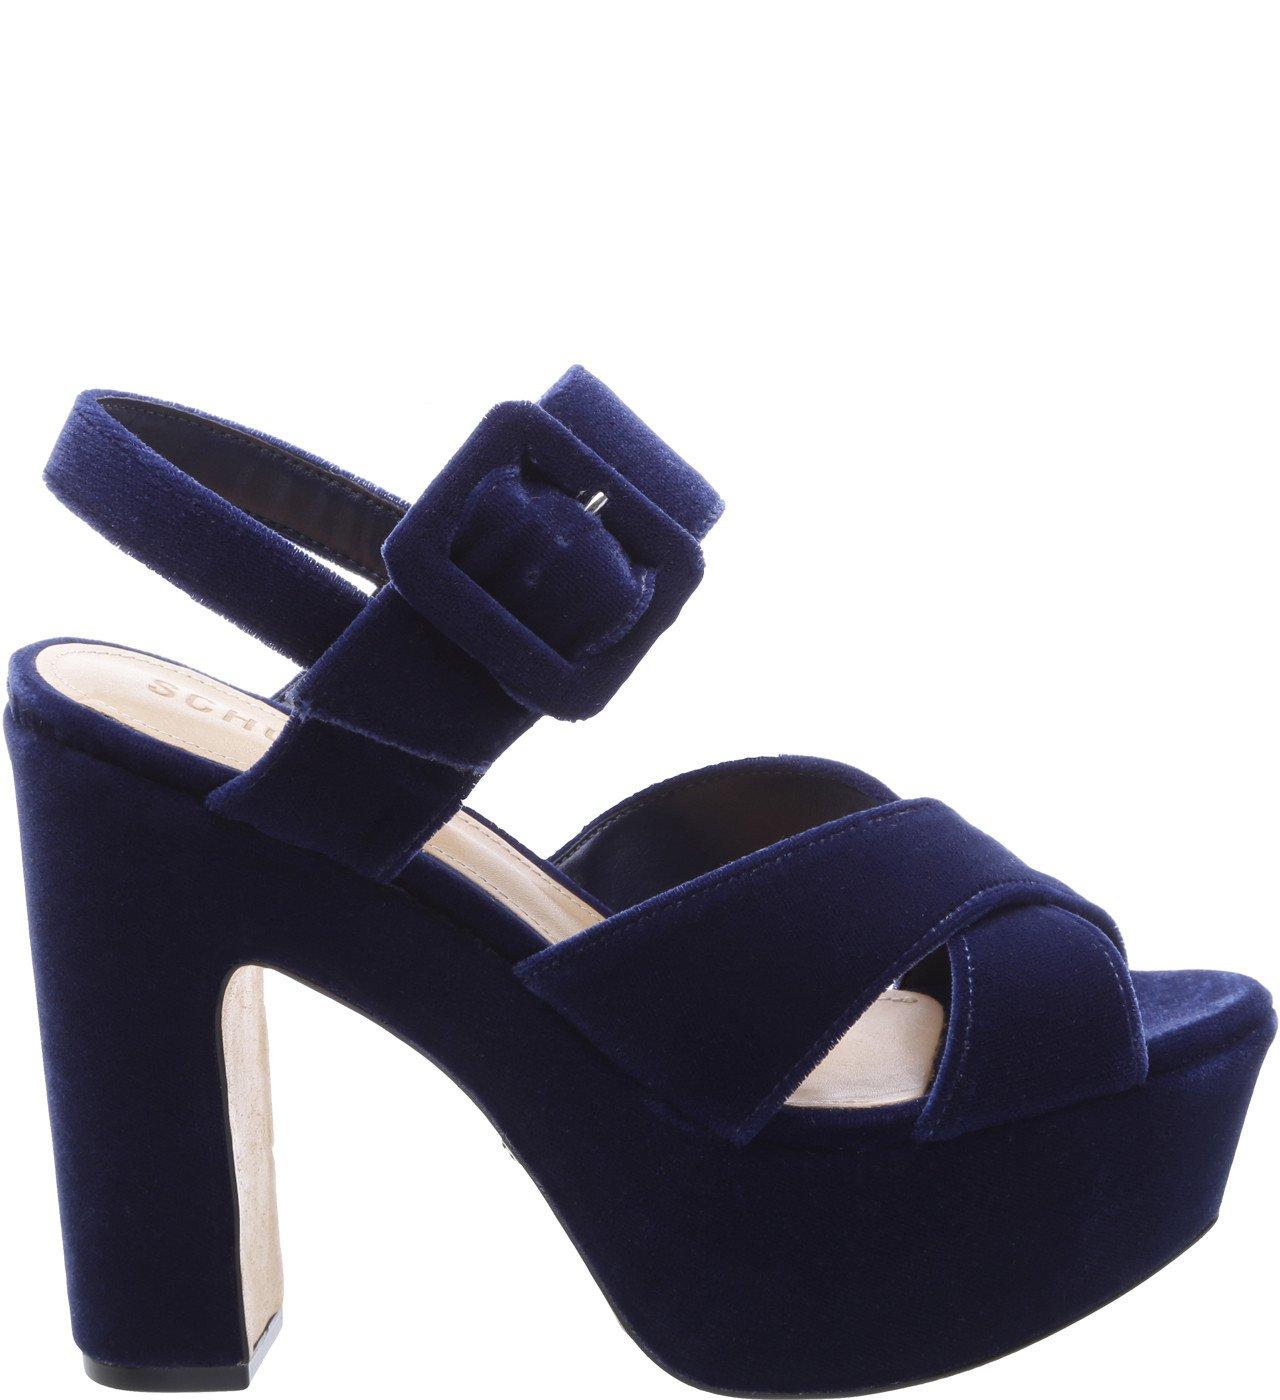 21 Most Comfortable High Heels - ELLE.com Editors Pick Heels You ...